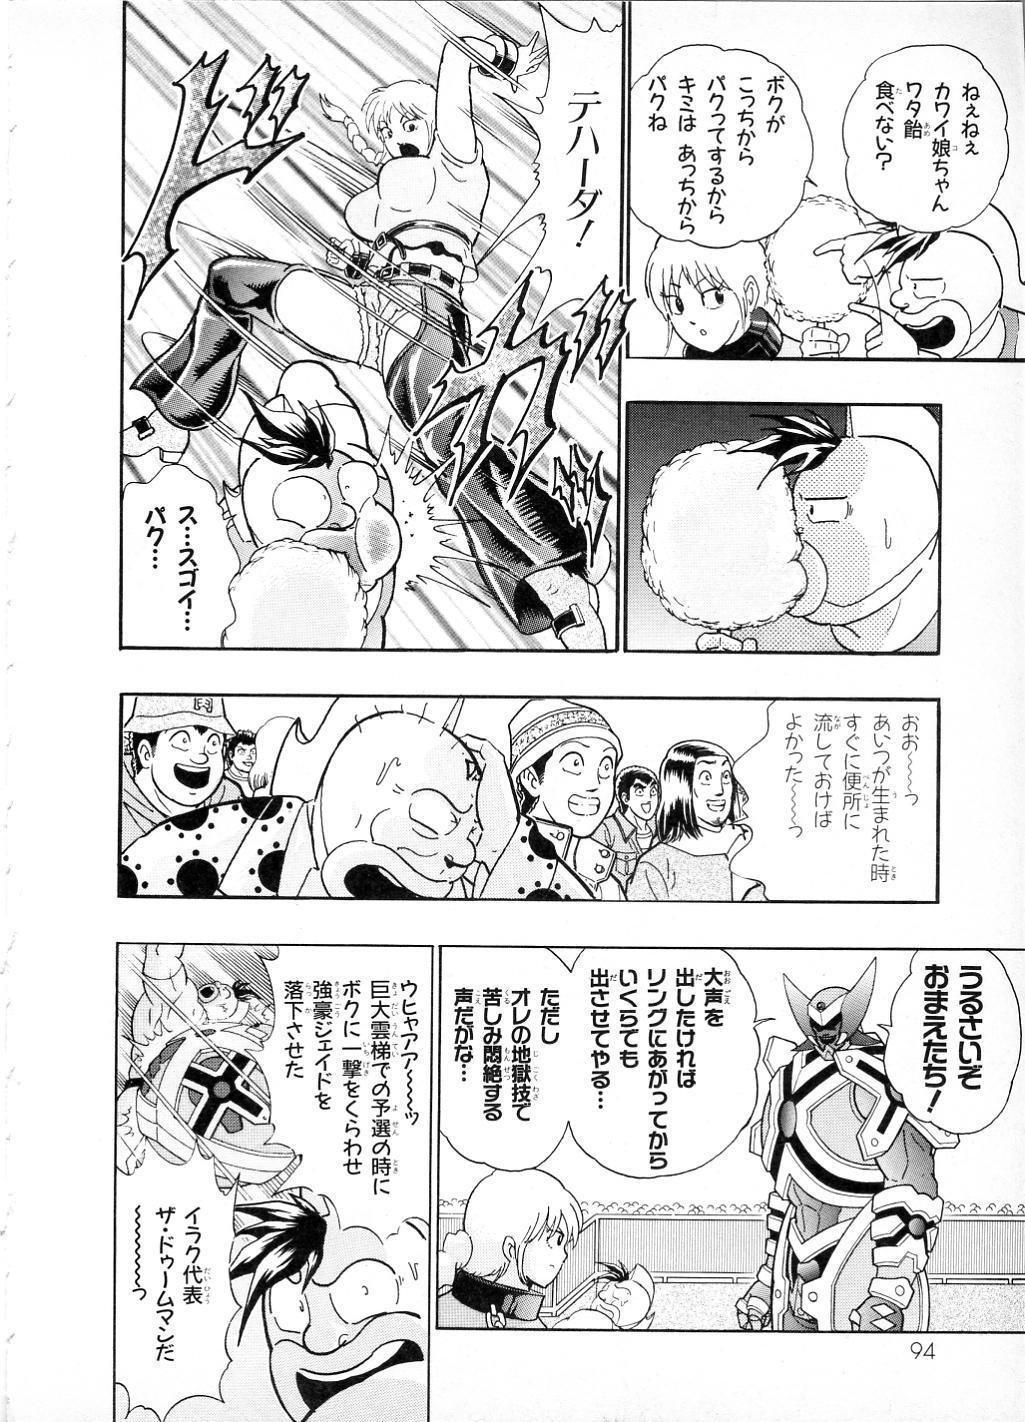 Kinnikuman II Sei Daishingeki v01-04e¥2¥095